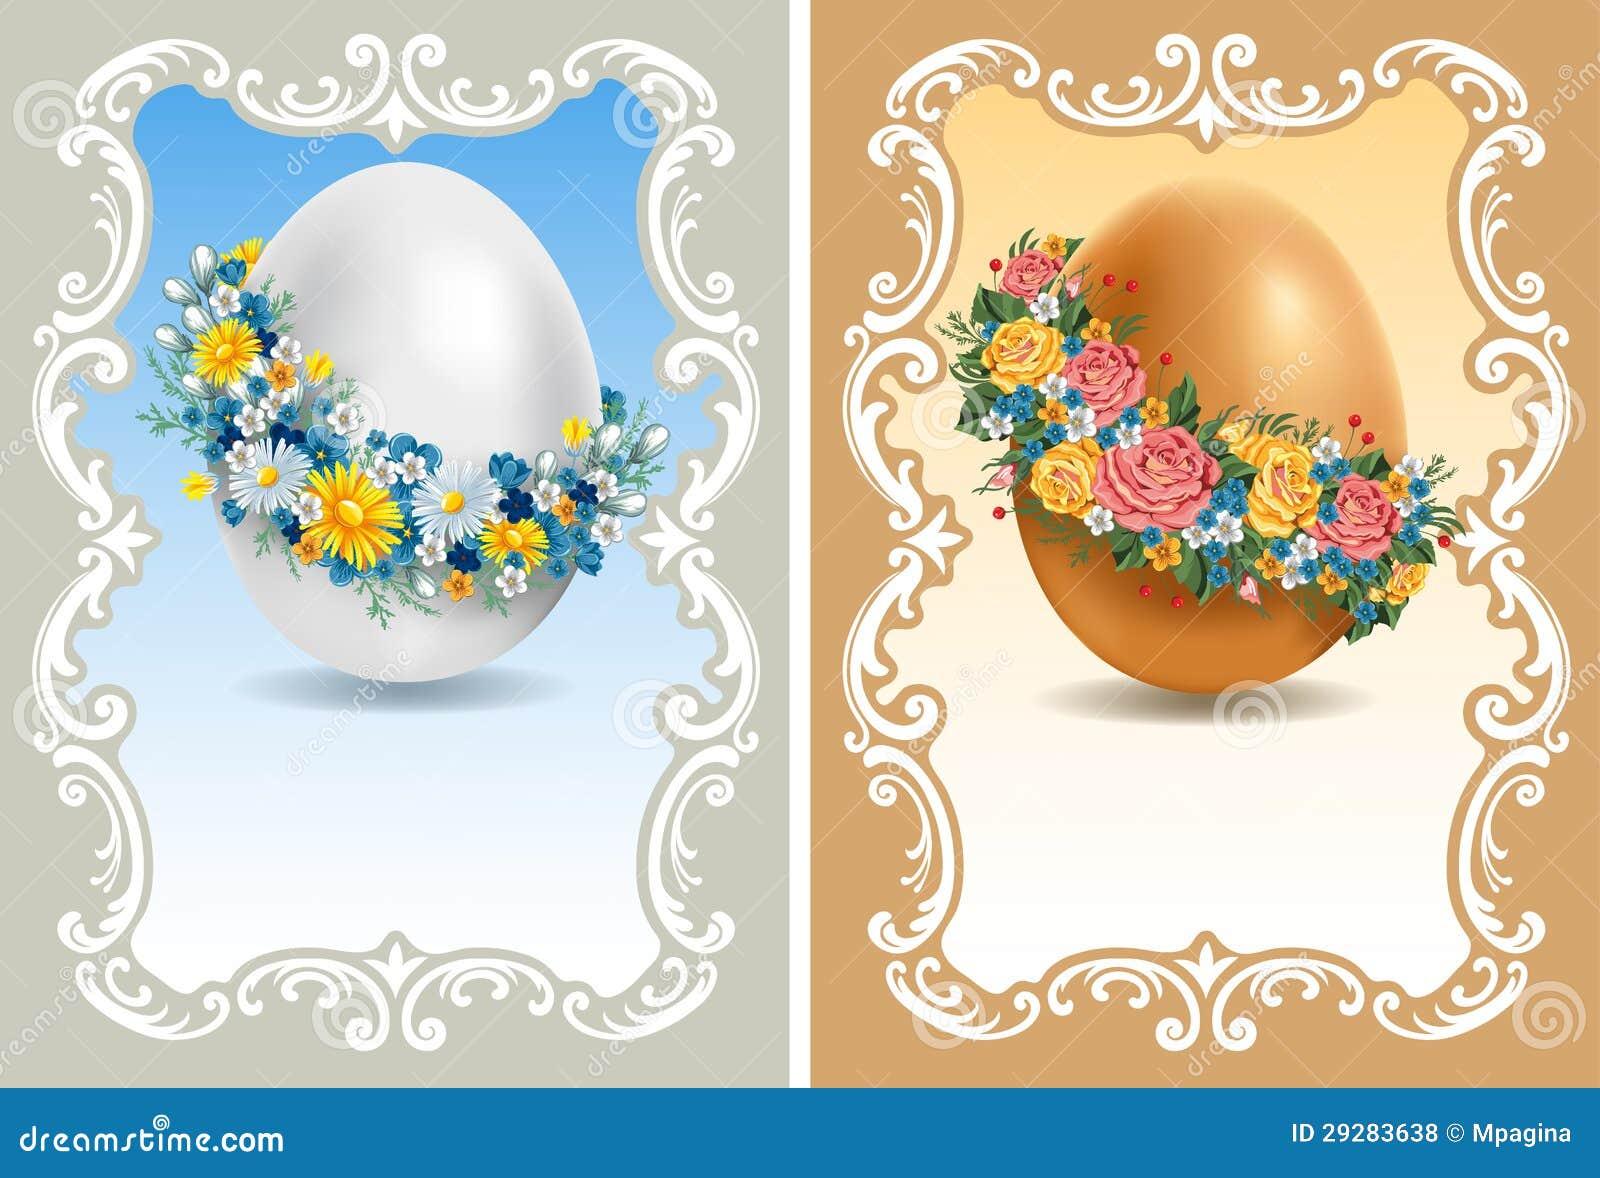 Rocznik Wielkanocne karty